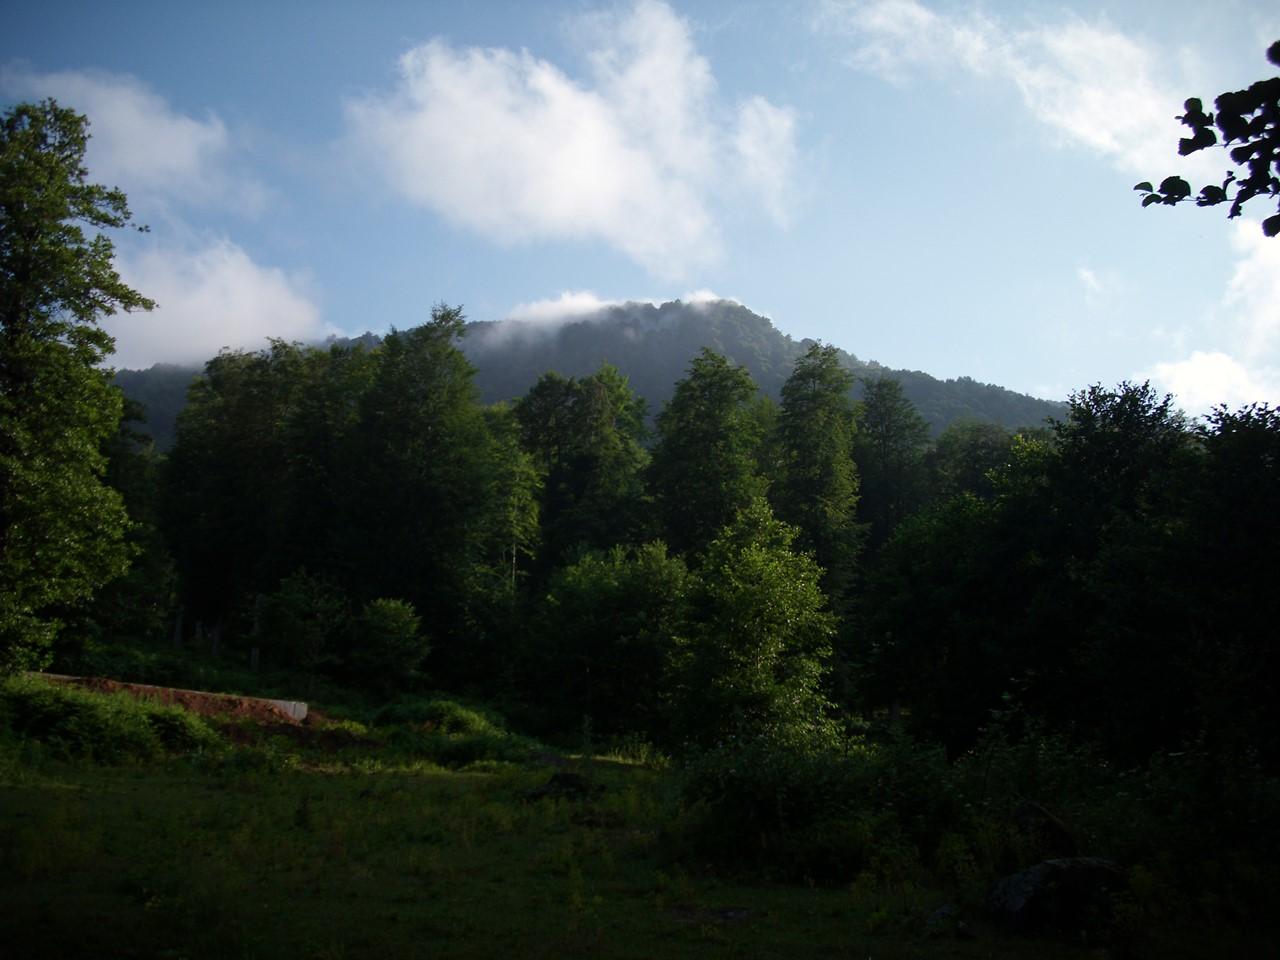 Nebiyan Doğa Yaz 2 - Nebiyan Doğa Yaz (2)